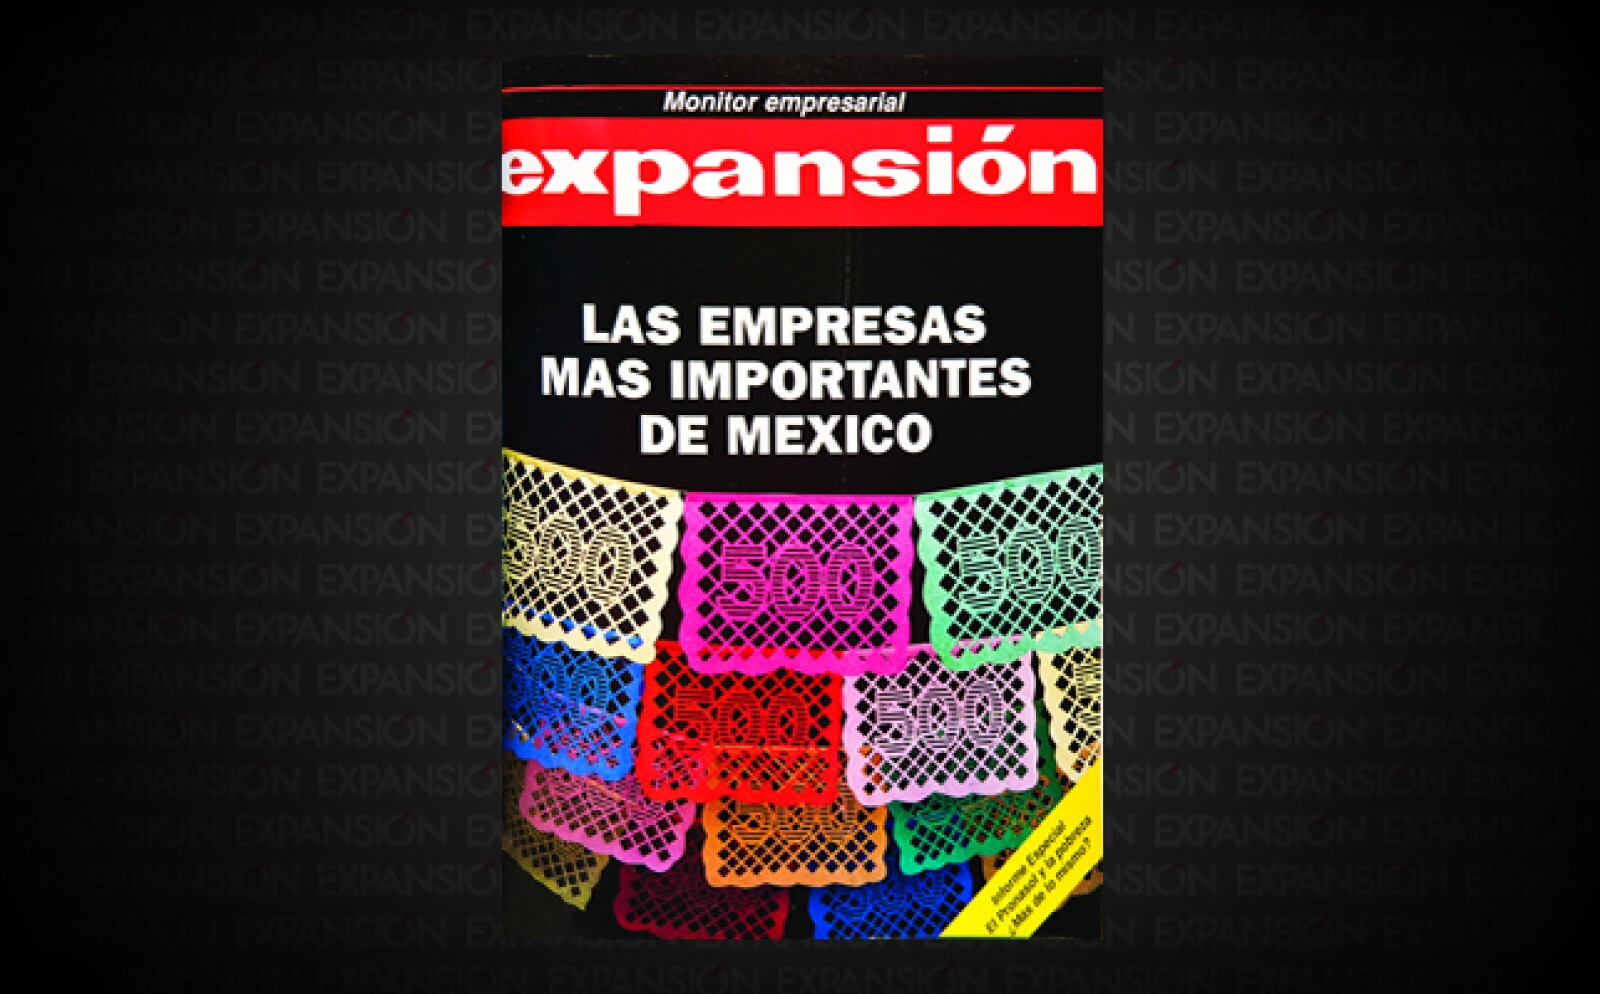 Nacieron el Fobaproa y el IFE. El Estado privatizó Telmex, pasando a manos del empresario Carlos Slim.